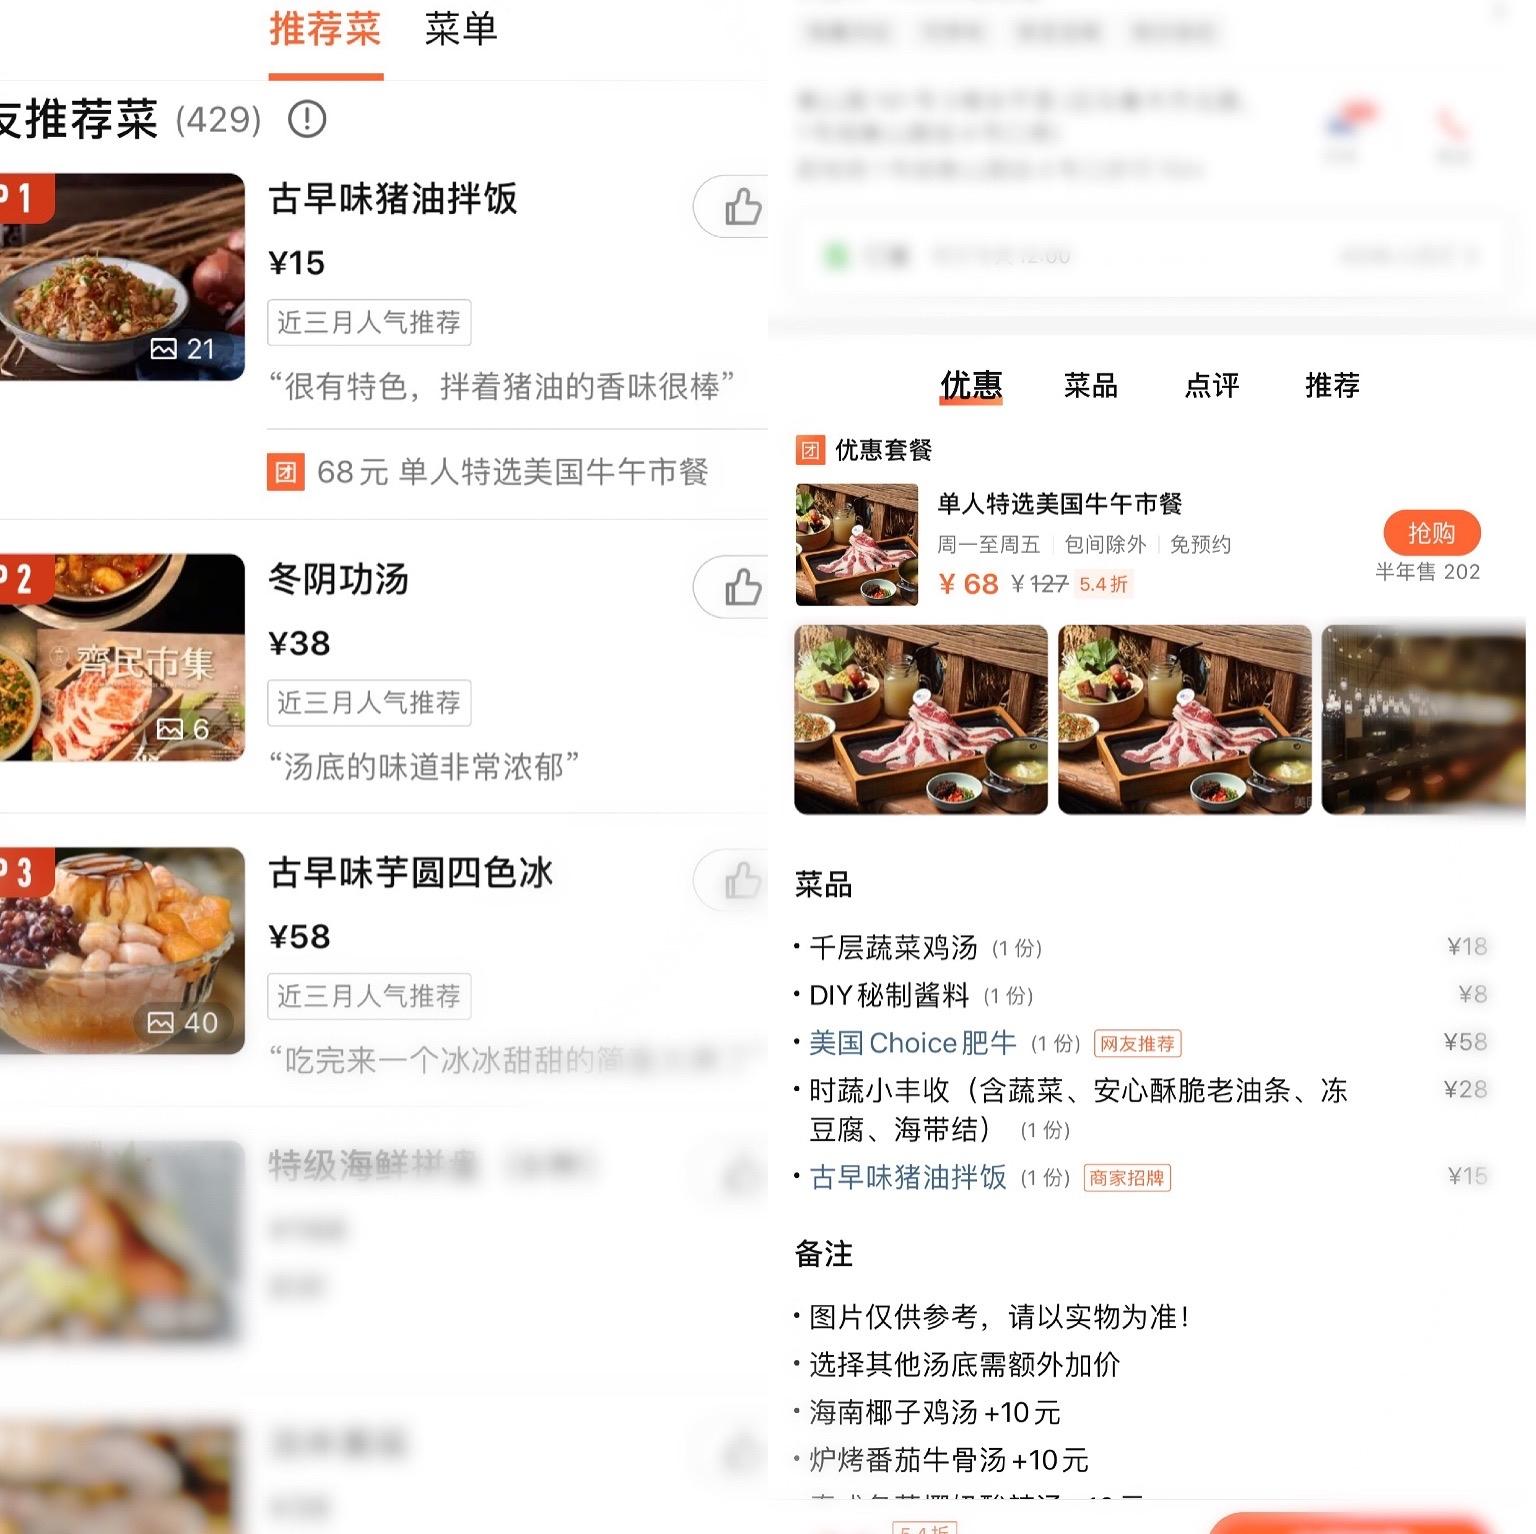 上海・大衆点評で事前購入